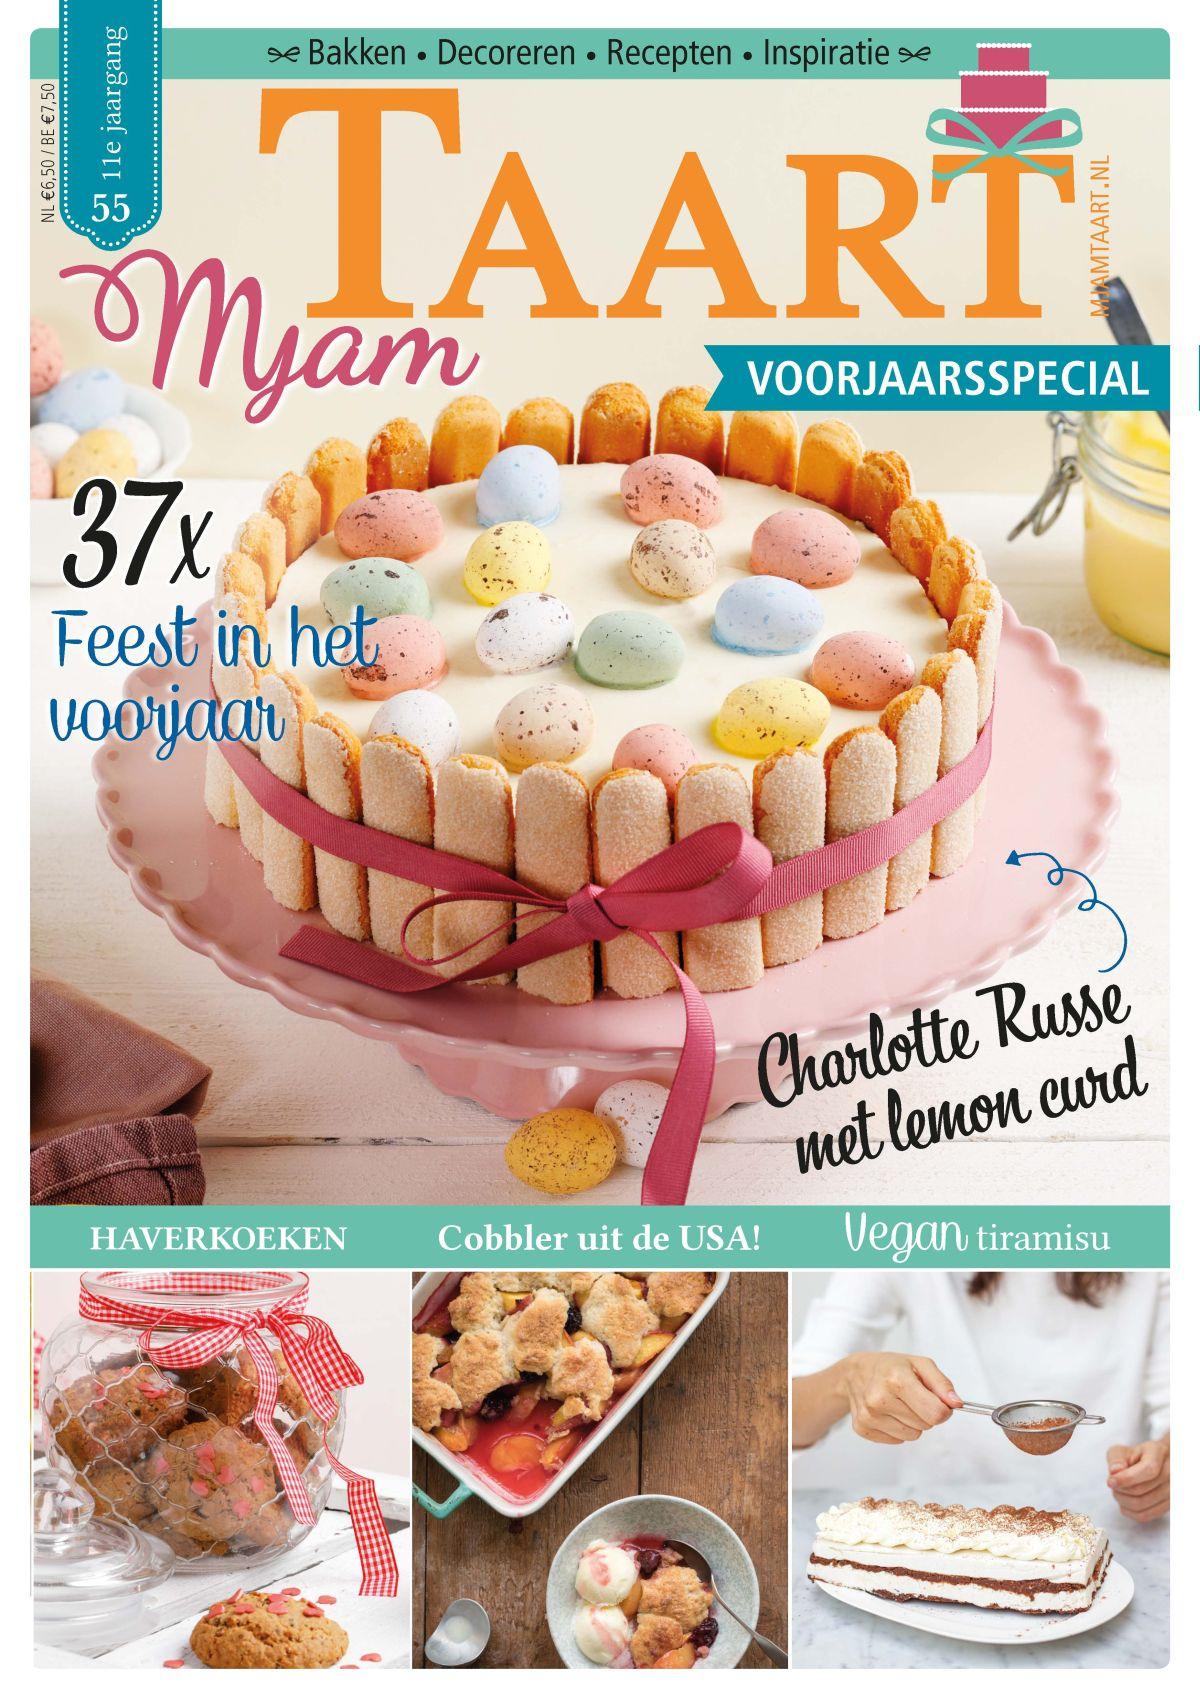 Tijdelijke cover MjamTaart Voorjaarsspecial